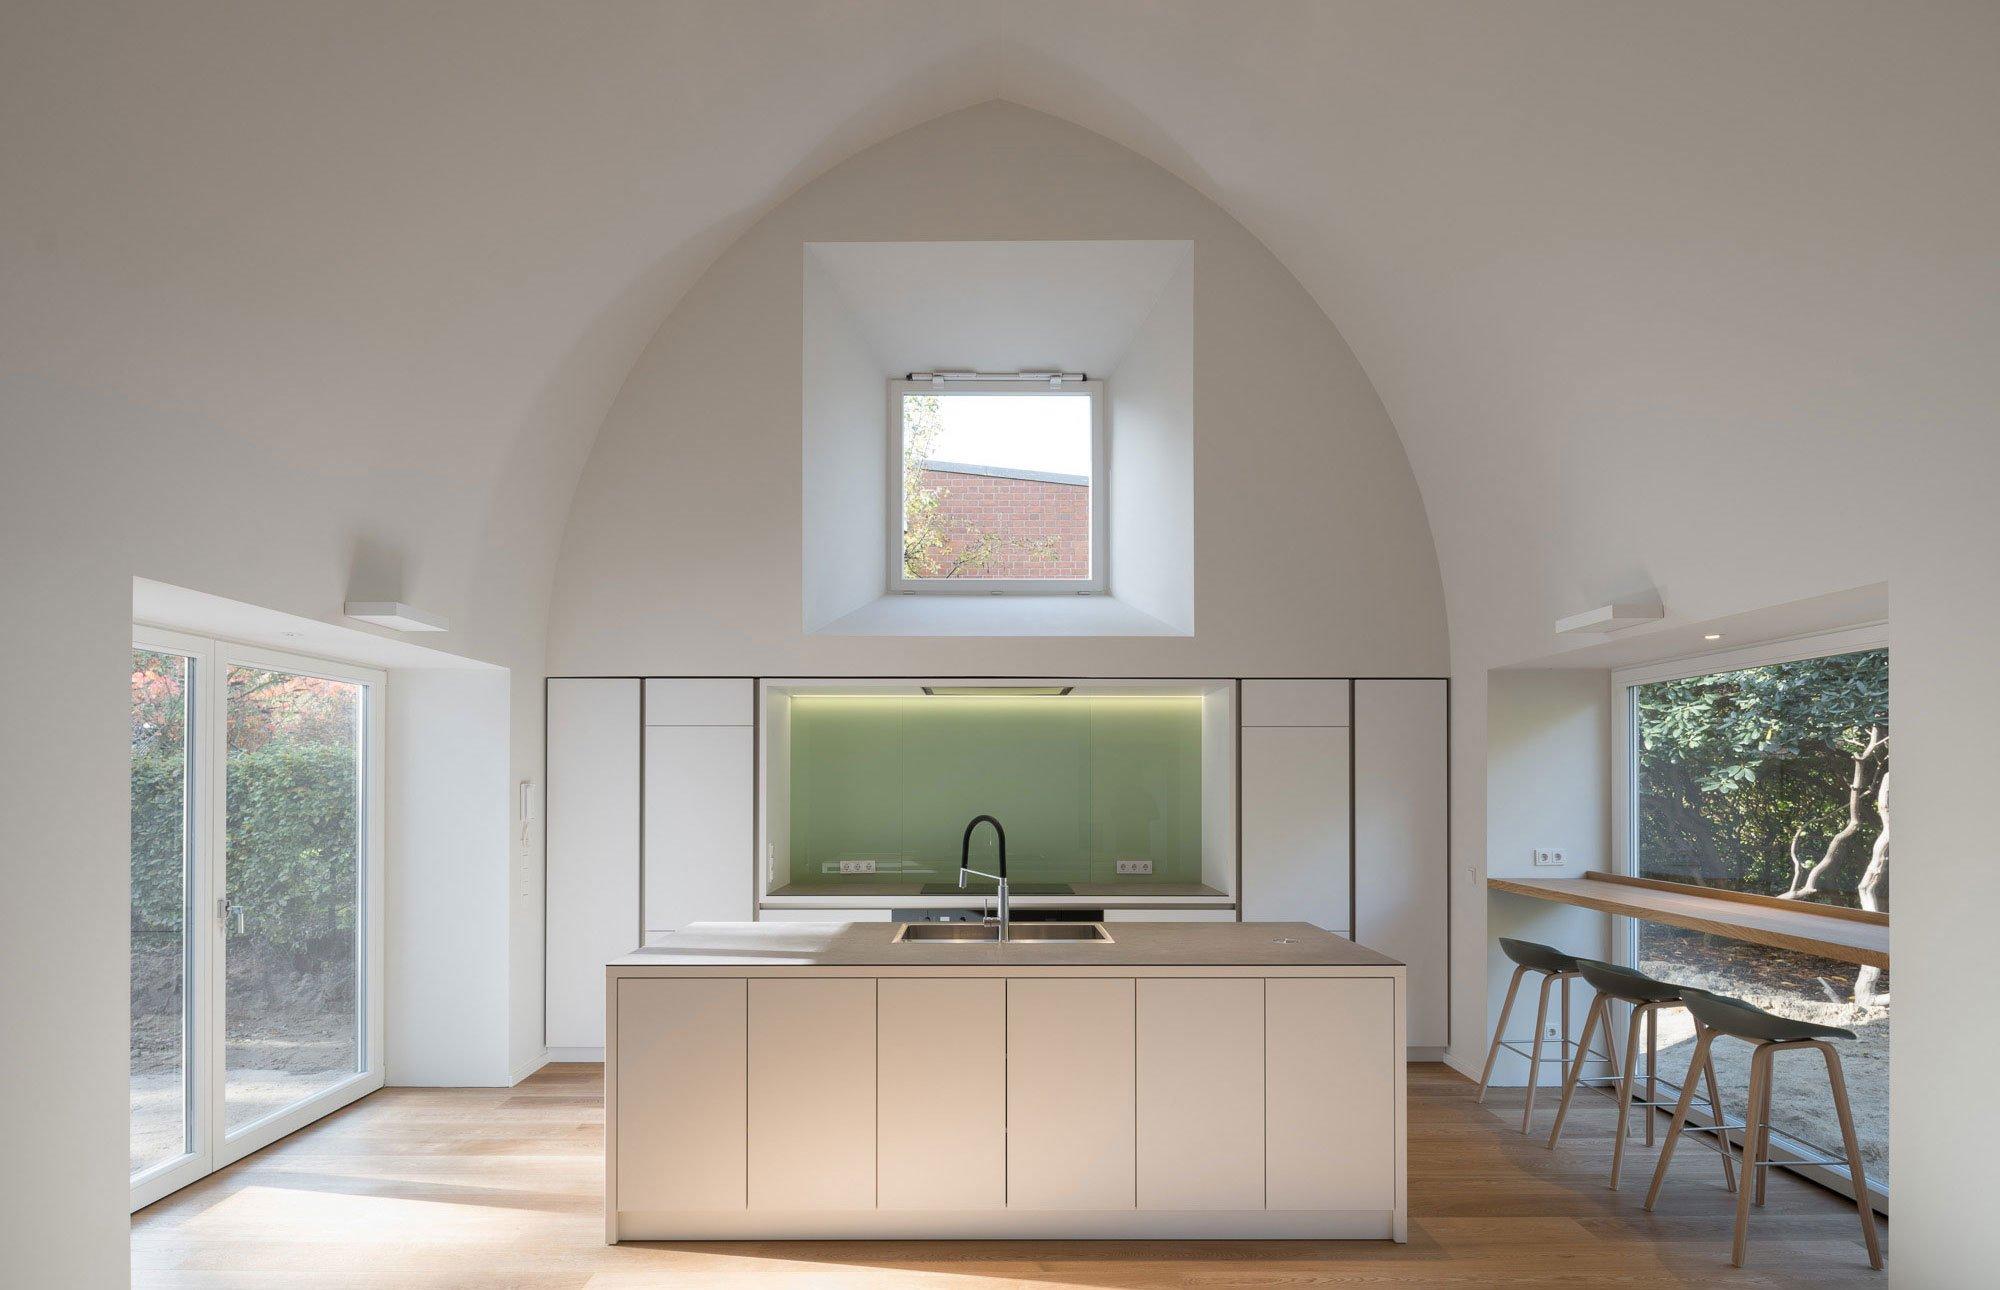 Das Hamburger Architekturbüro Reichwald Schultz ergänzte ein Wohnhaus aus dem Jahr 1933 um einen quergestellten Anbau – und gab damit einem verkannten Juwel eine Zukunft.